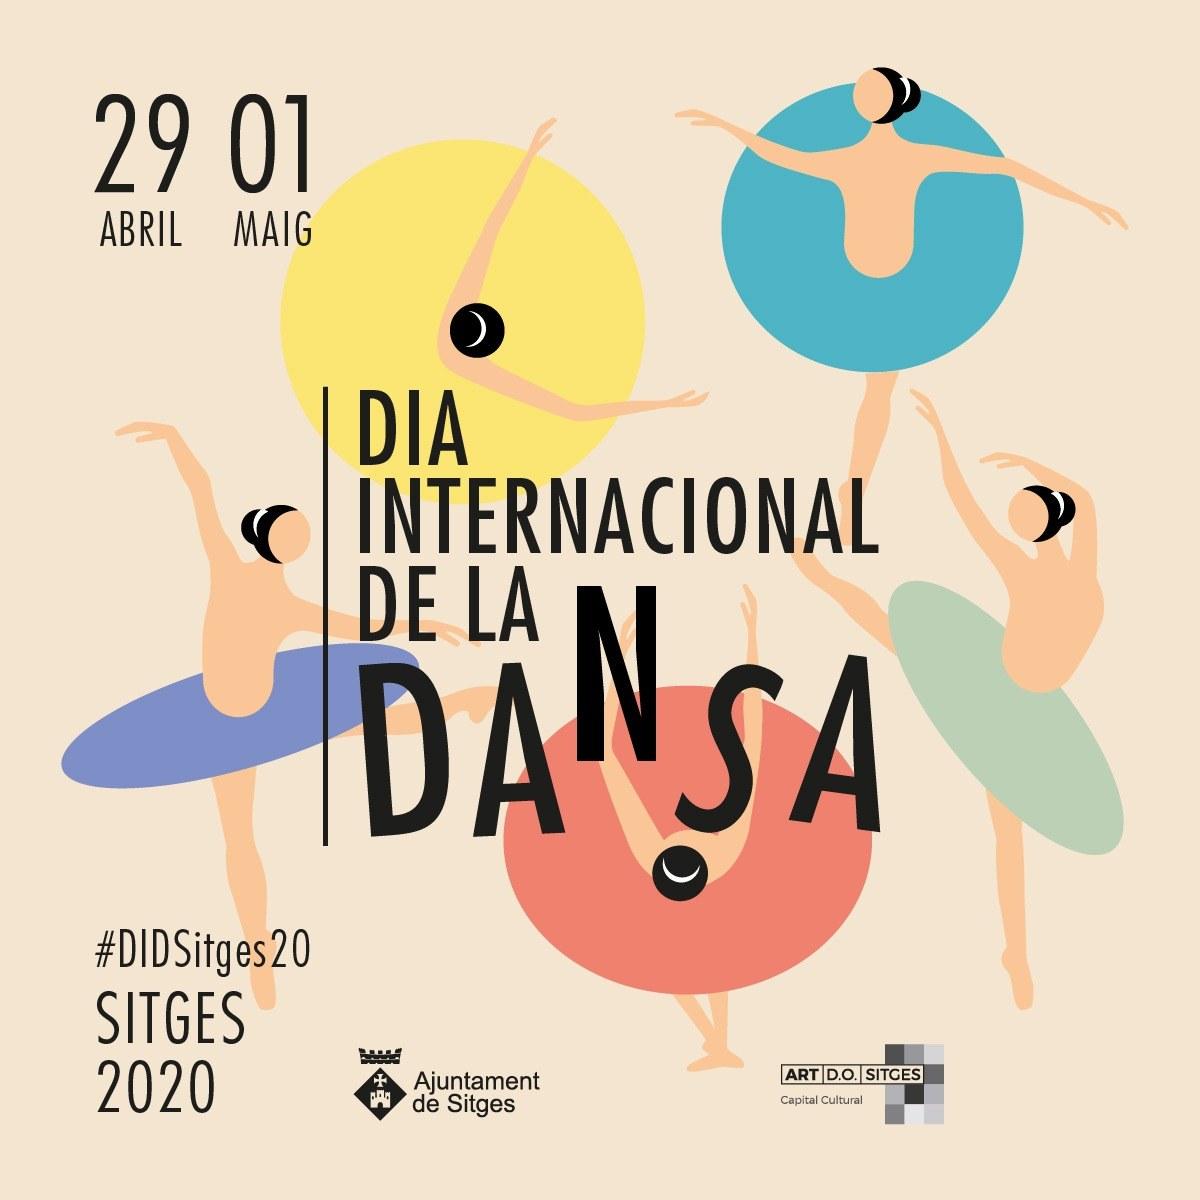 La programació online marcarà la celebració del Dia Internacional de la Dansa en ple confinament